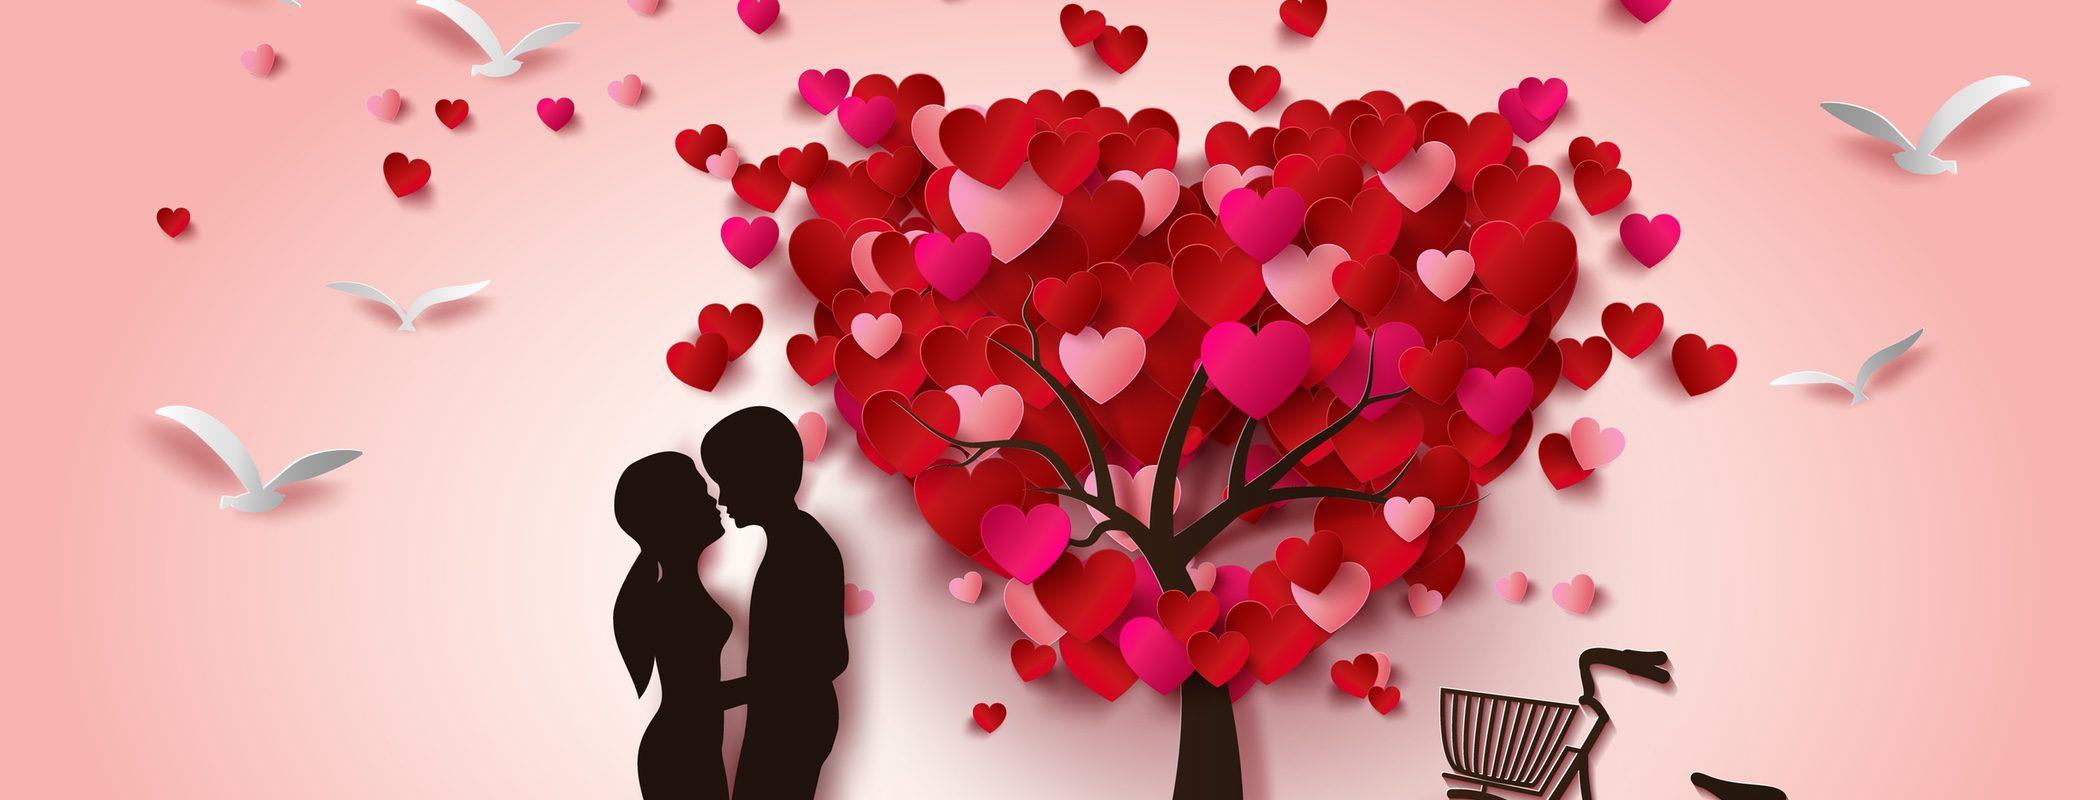 14 frases de amor para triunfar en San Valentín